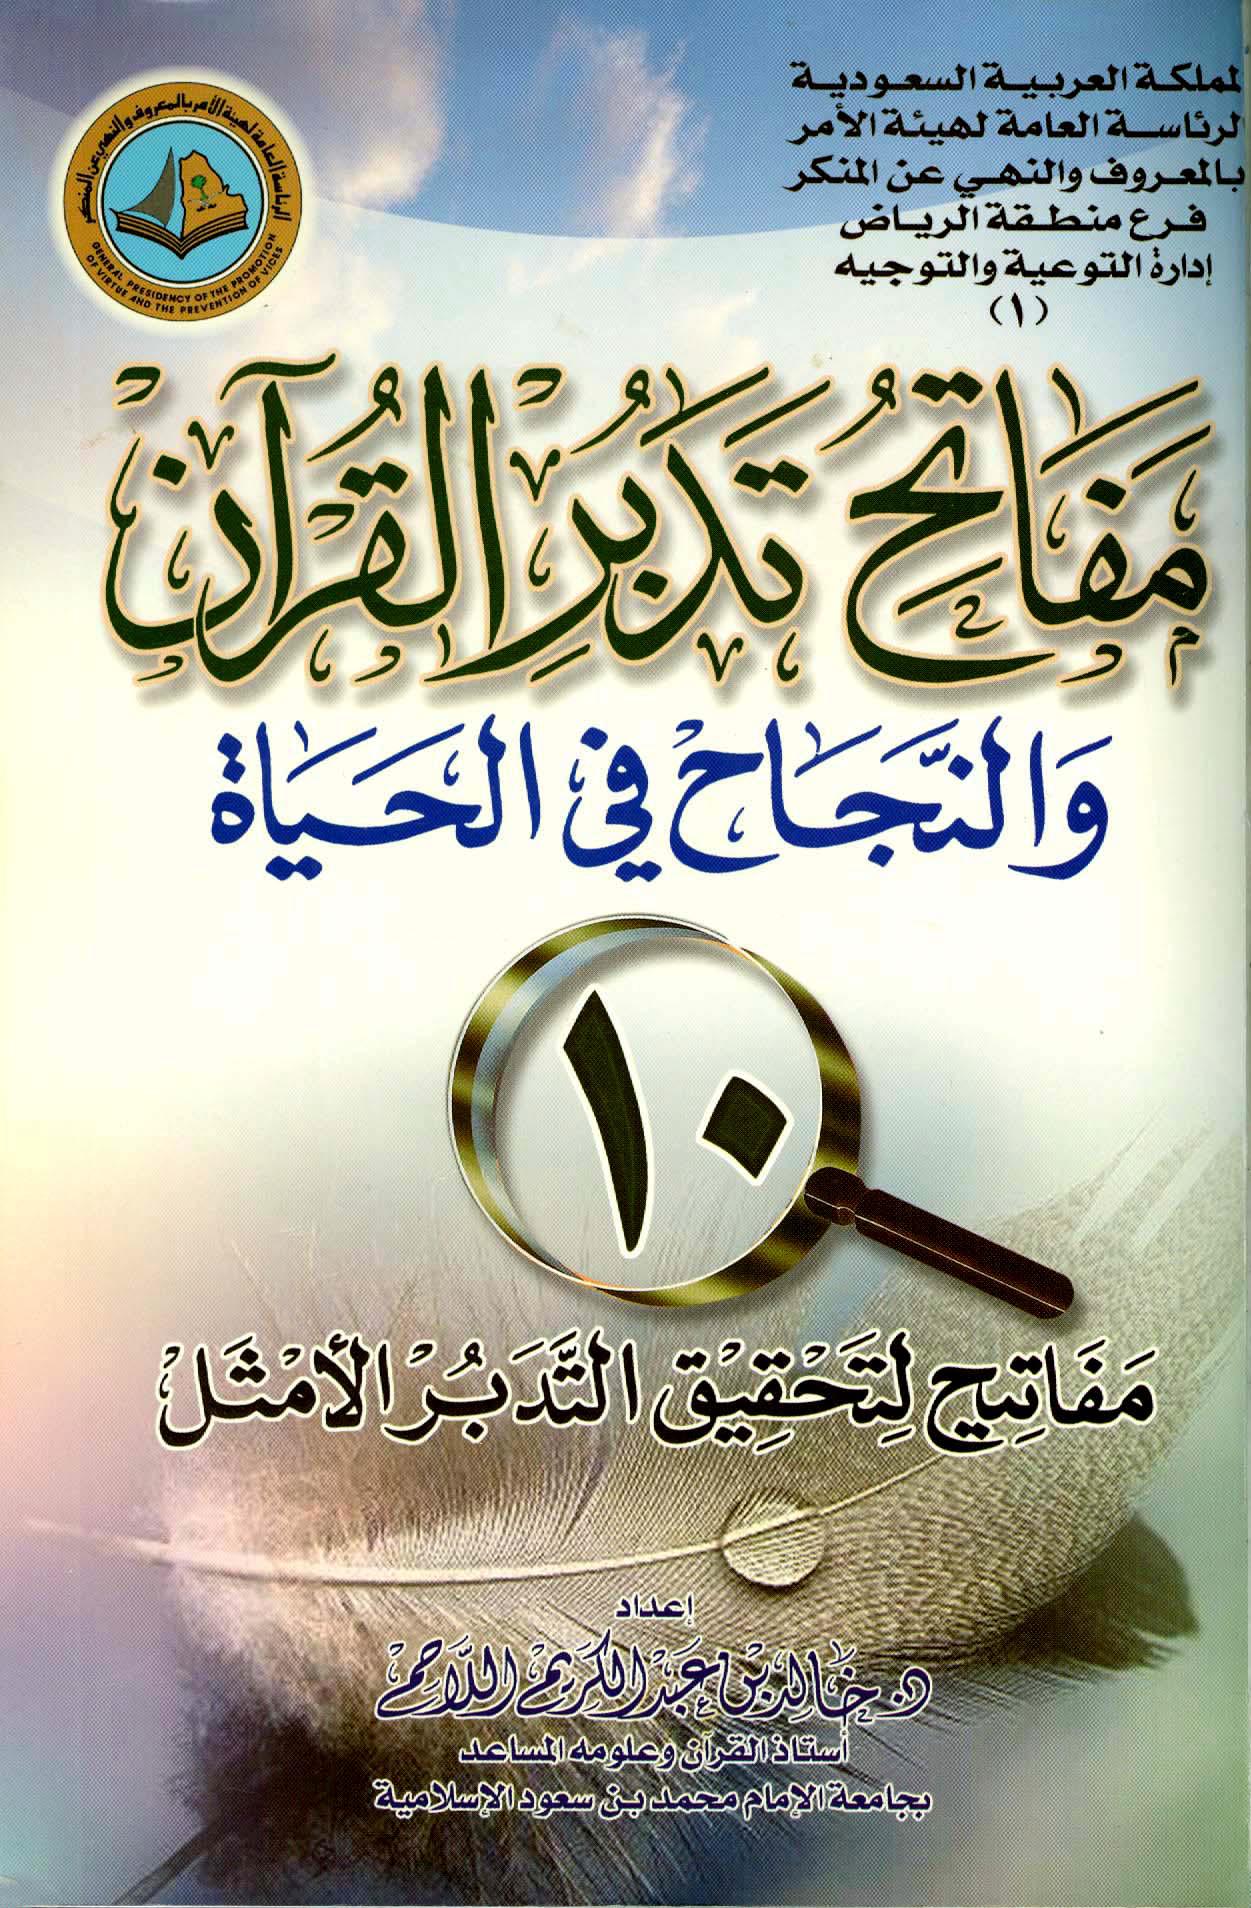 تحميل كتاب مفاتح تدبر القرآن والنجاح في الحياة لـِ: الدكتور خالد بن عبد الكريم اللاحم